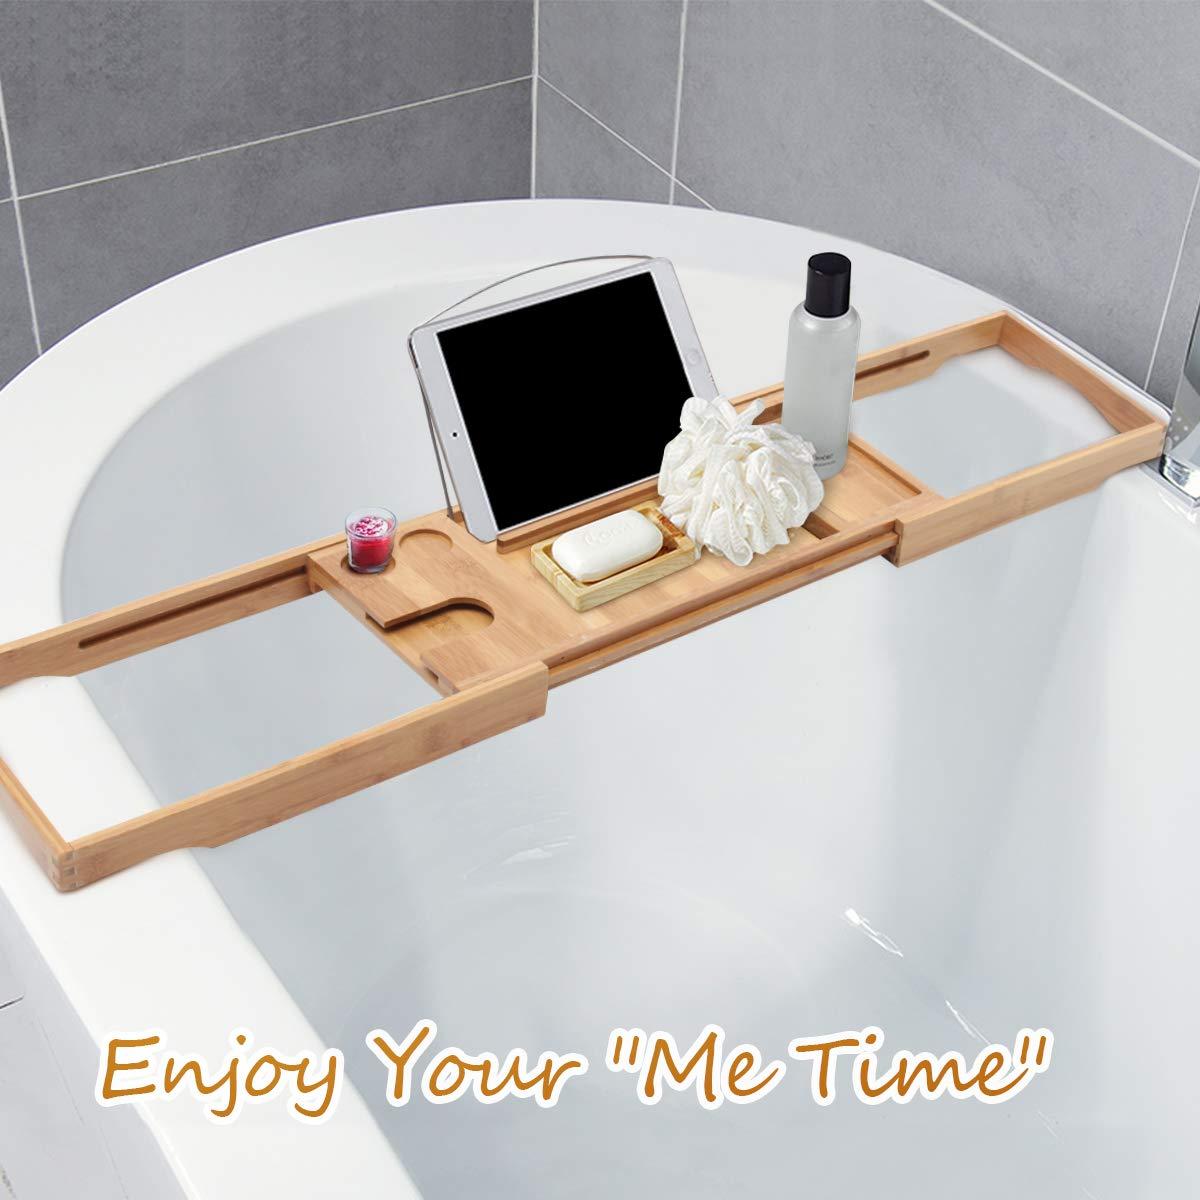 ESSORT Badewannen Candy Badewannenbretter aus Bambus versenkbarer Badewannentablett f/ür eine 60-95 cm breite Badewanne Kerzen und Weingl/äsern Mobiltelefonen Badewannenablage zur Aufnahme von iPads